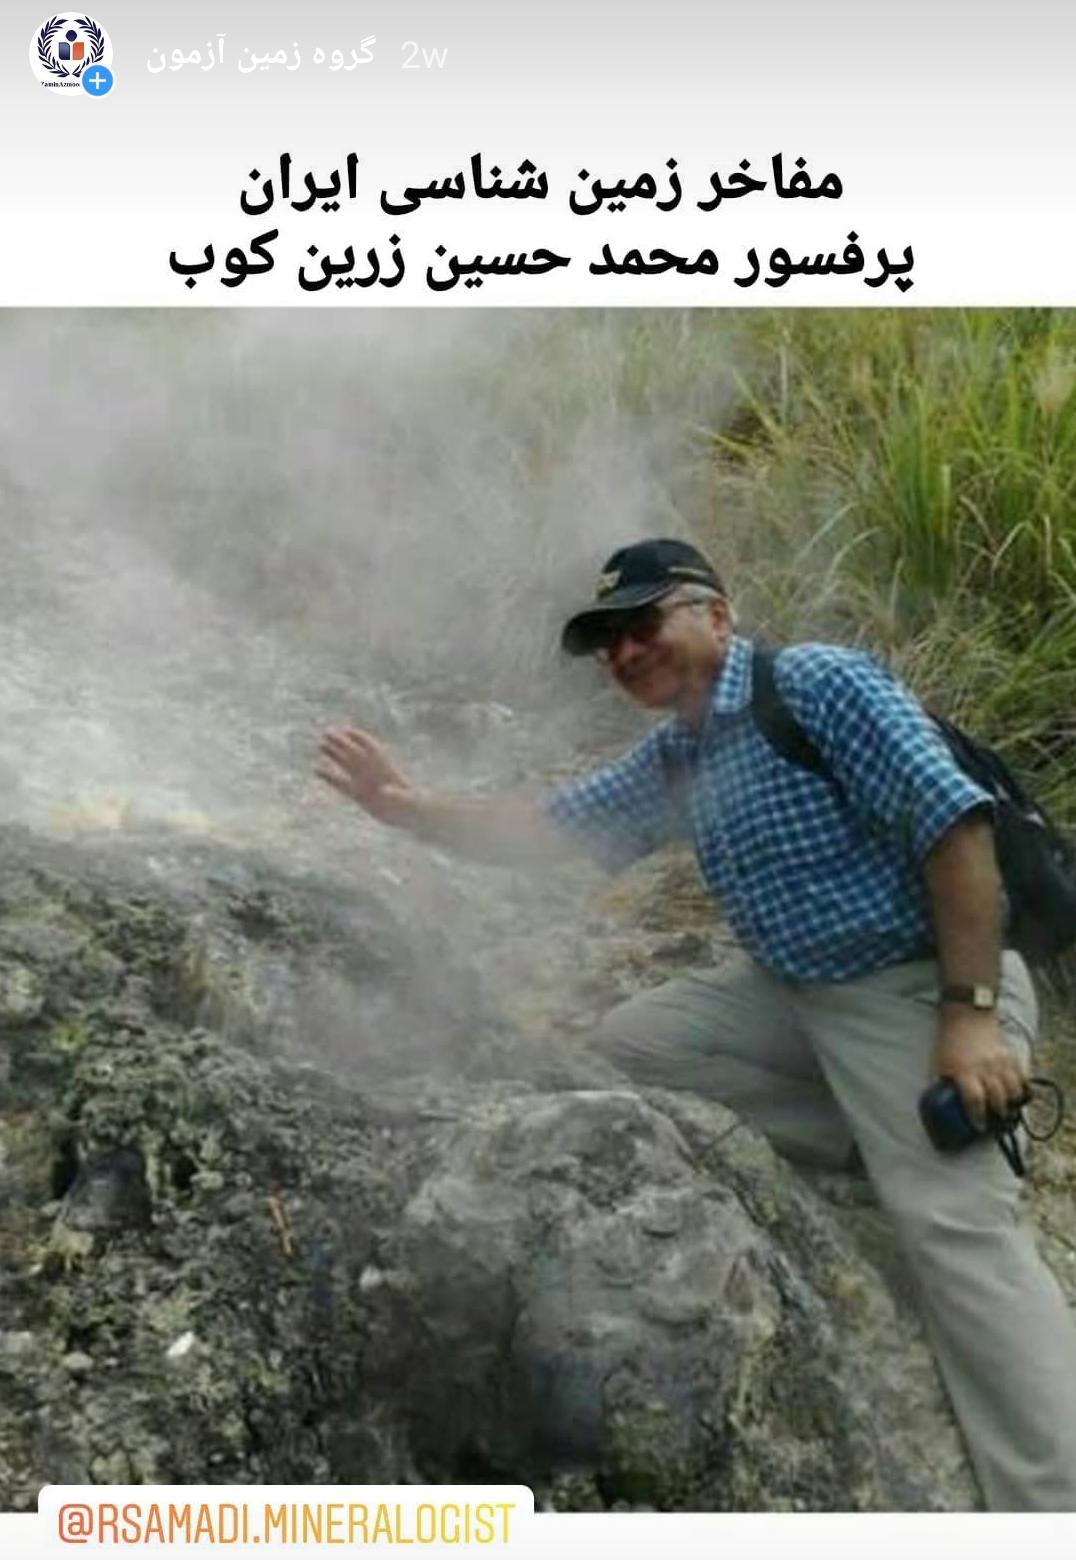 دکتر محمد حسین زرین کوب